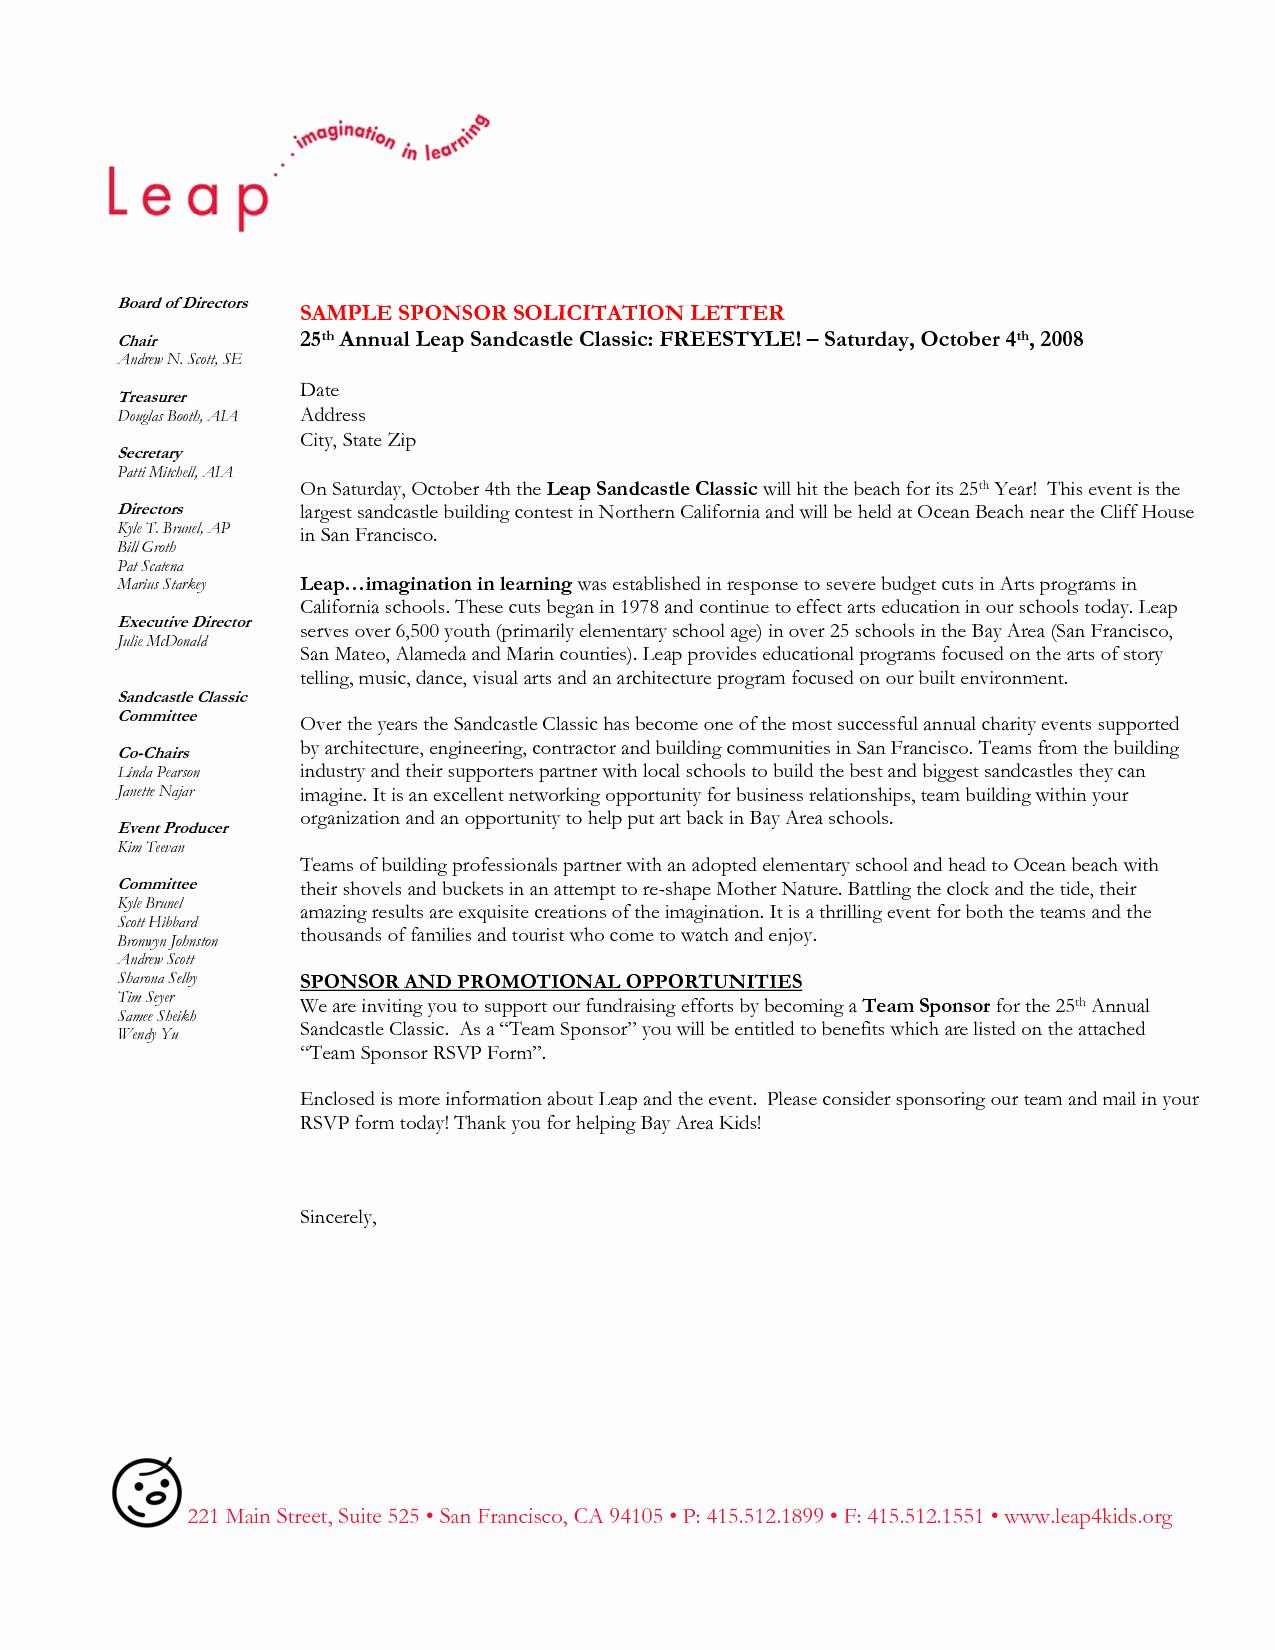 Sponsorship Letter for Visa Luxury See A Sample Sponsor Letter for Visa